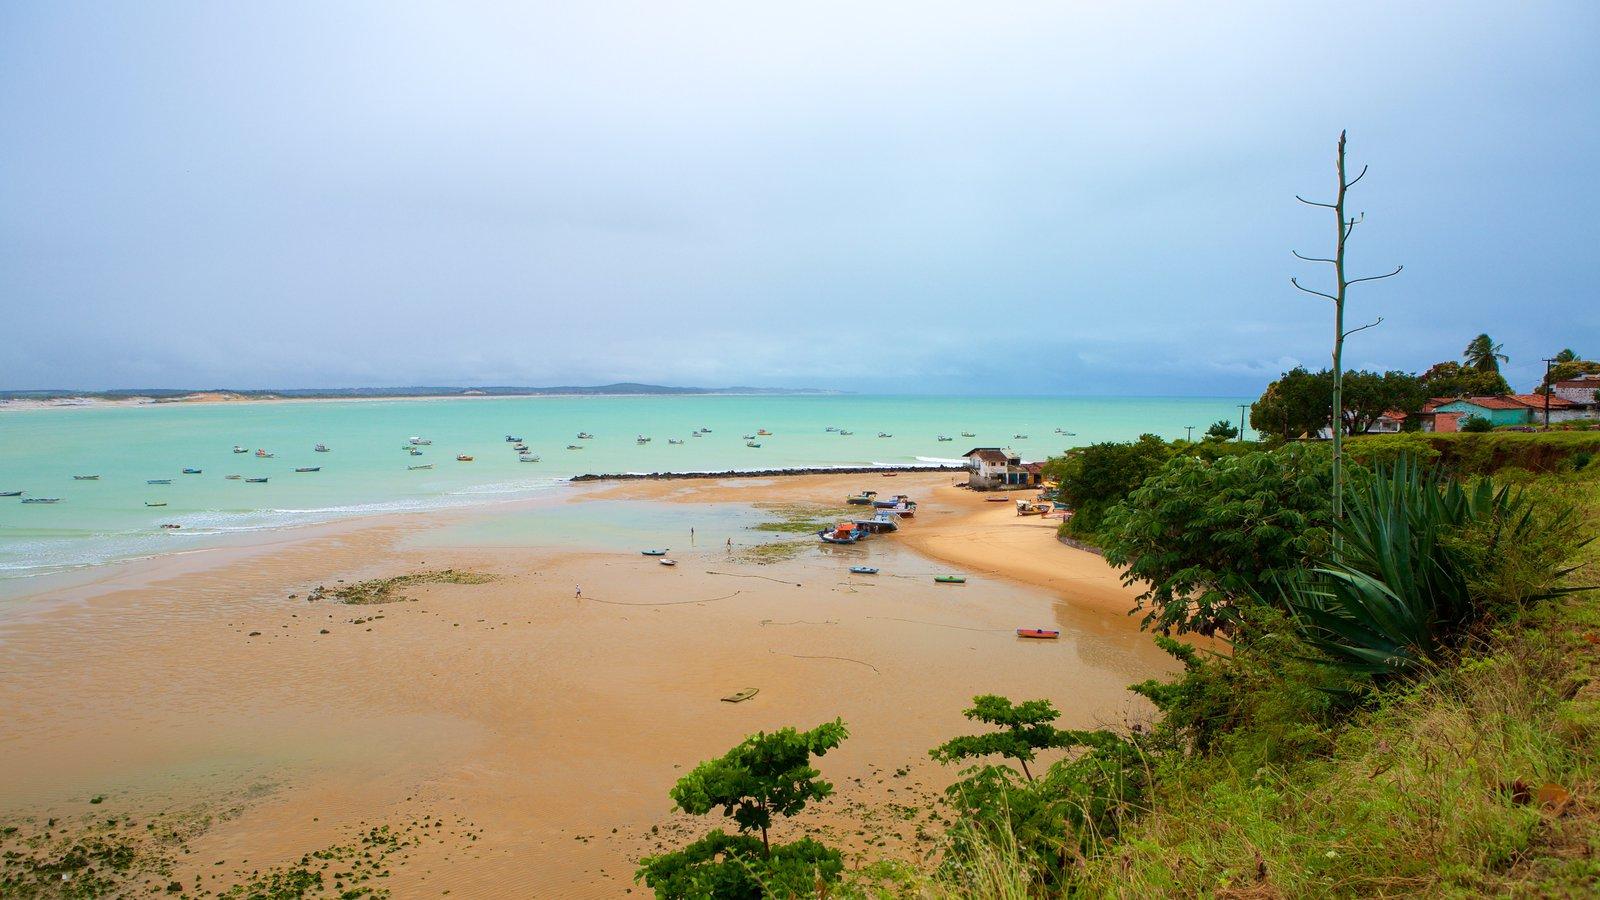 Baía Formosa caracterizando uma praia de areia e uma cidade litorânea